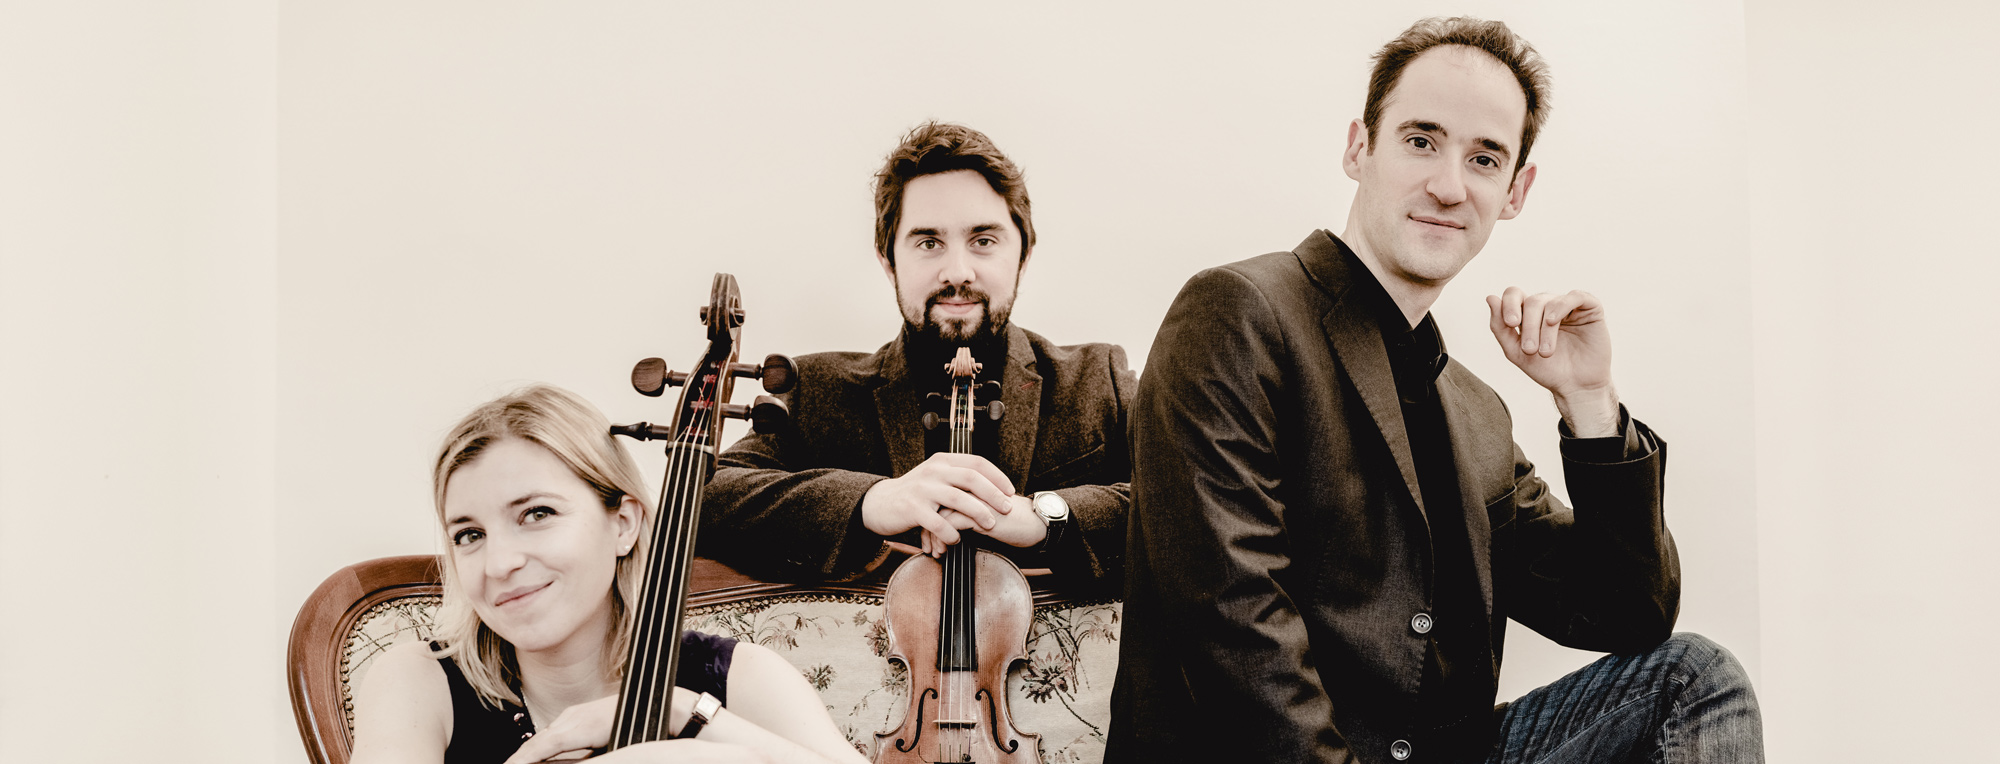 Trio-Atanassov-Andrej-Grilc